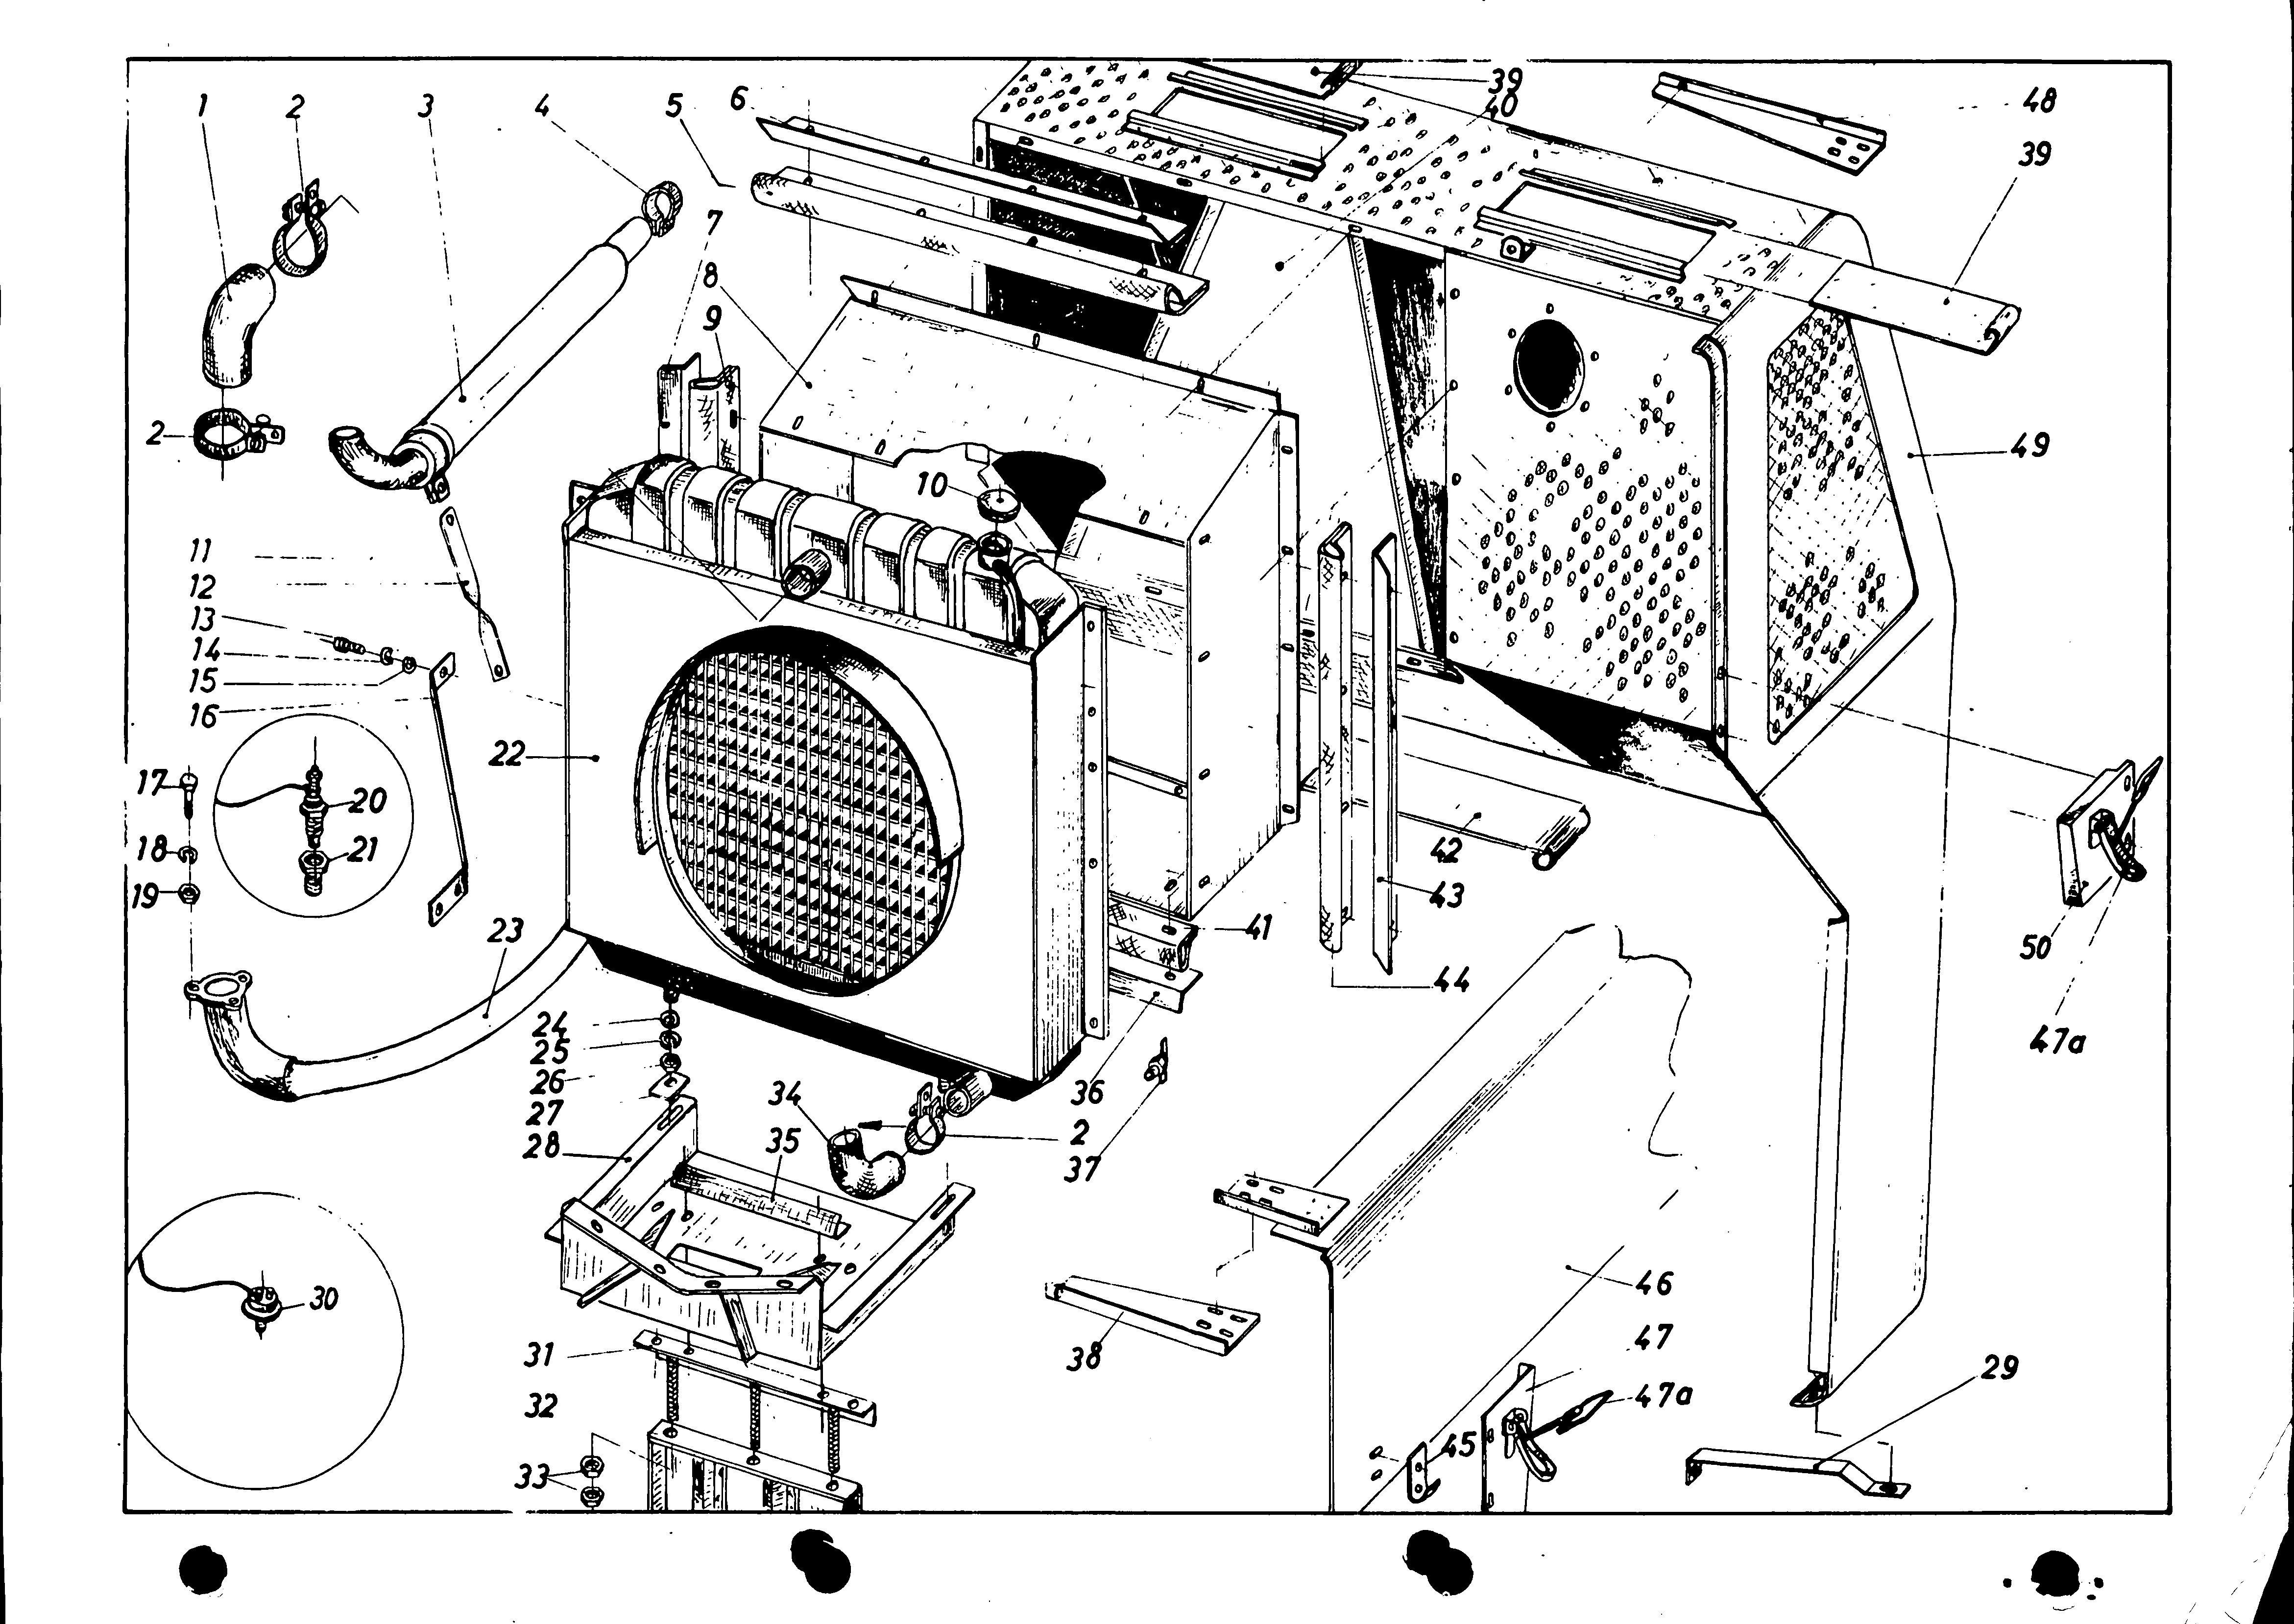 Ford Dorset 100pk Parts Manual For Serie 102 M140 Repair In 2020